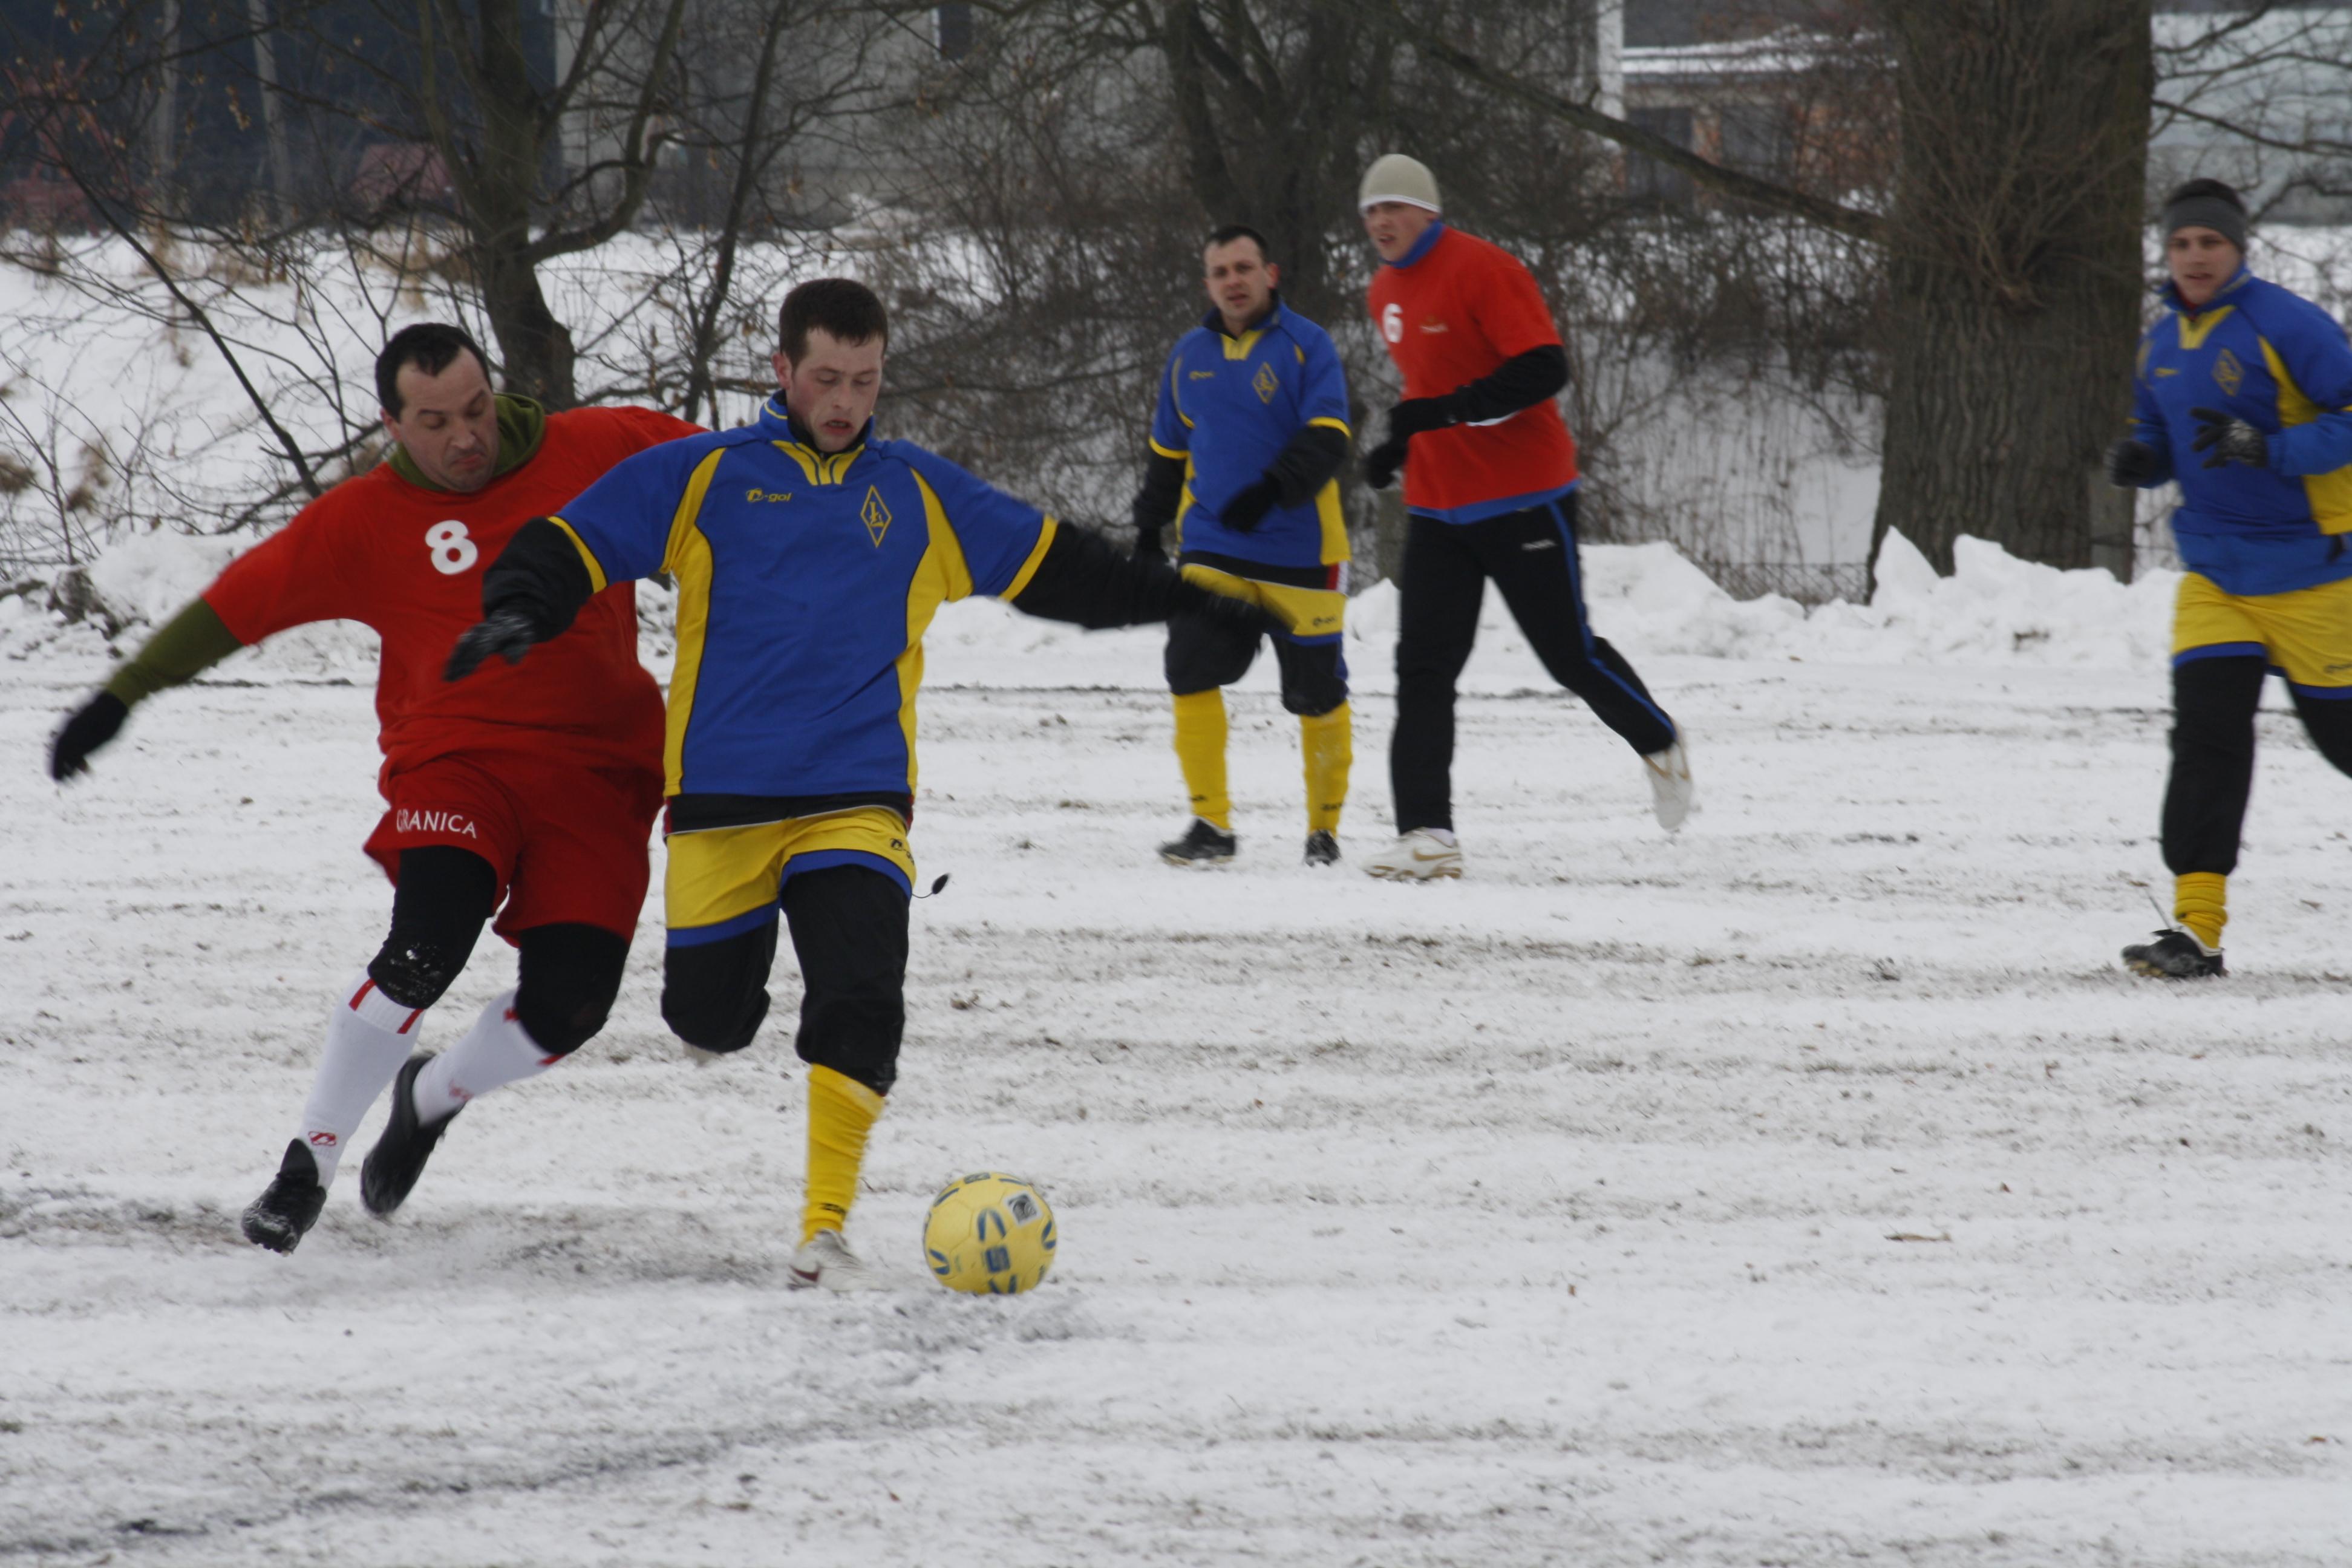 Zimowy turniej w Sępopolu — rok 2010